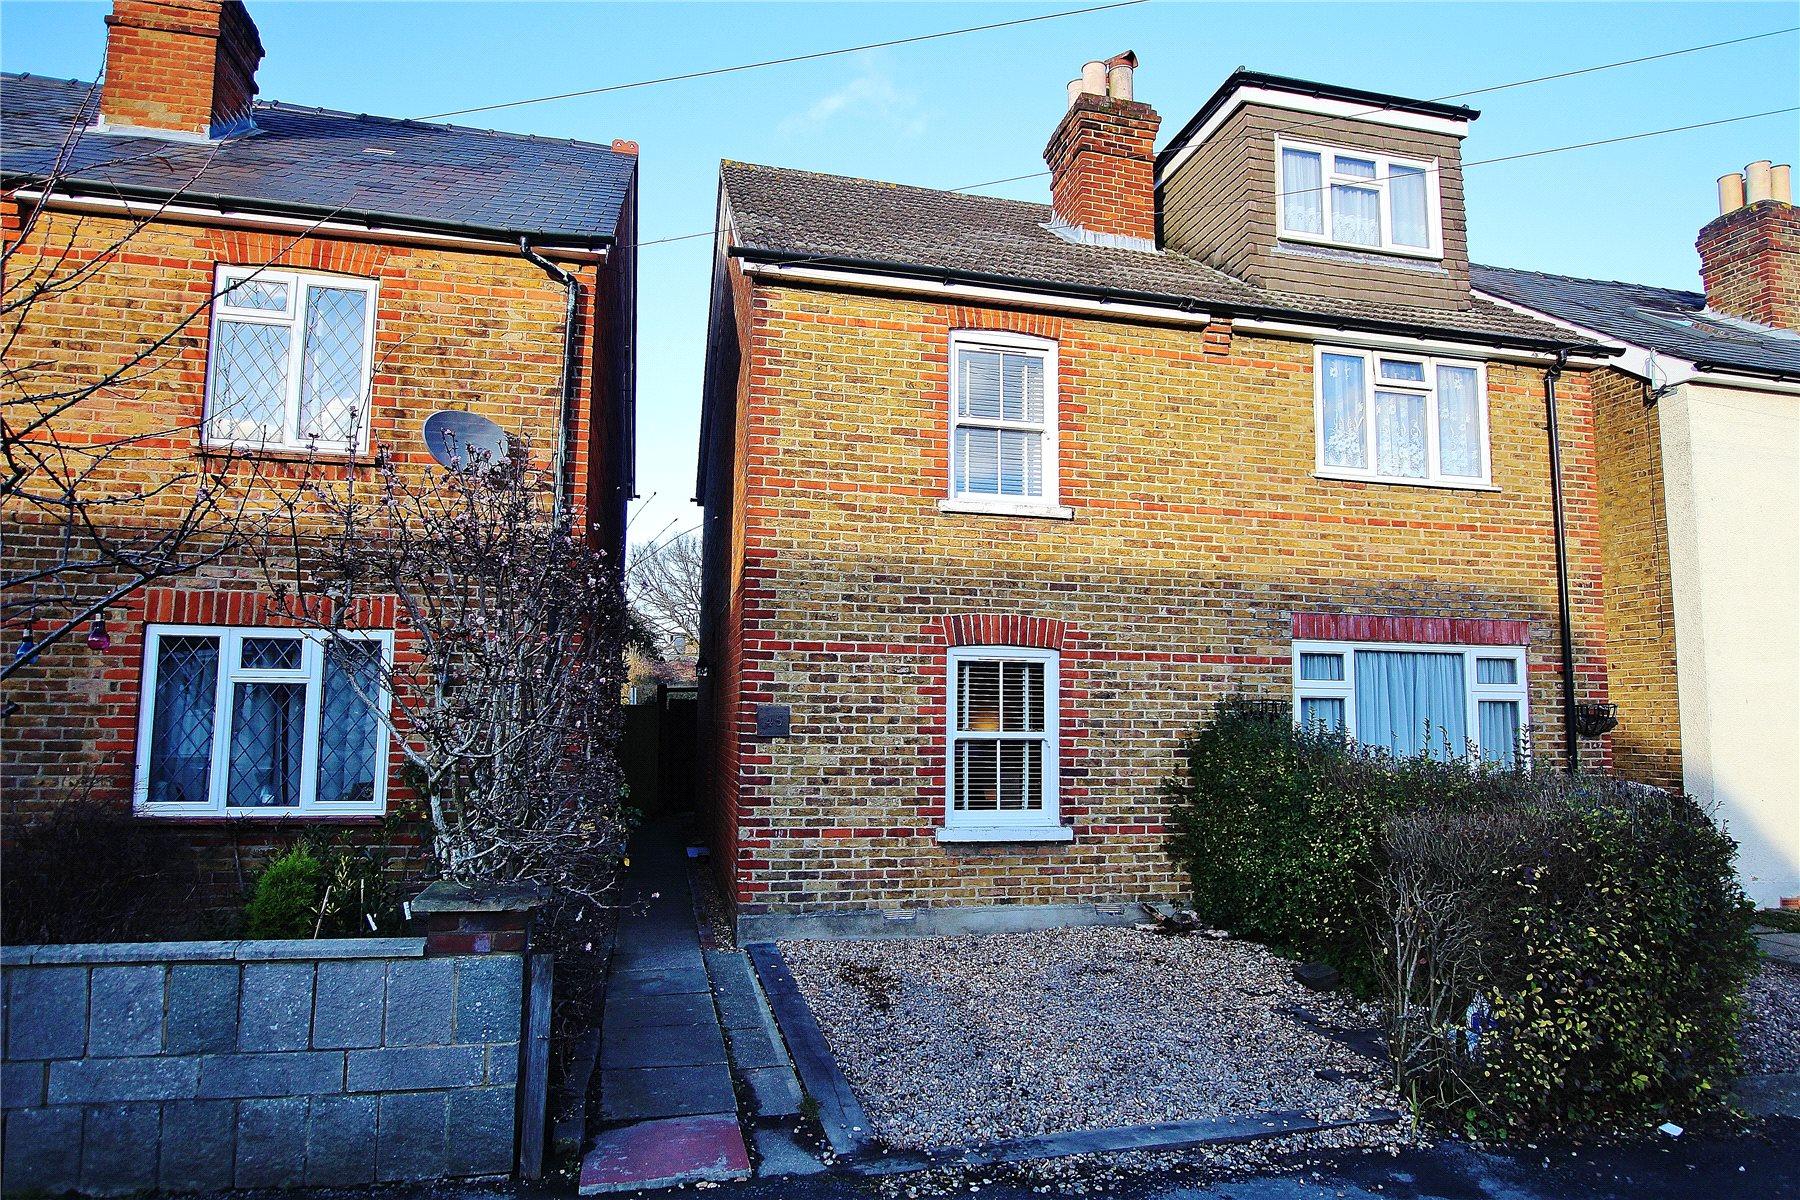 2 Bedrooms Semi Detached House for sale in Queens Road, Knaphill, Woking, Surrey, GU21